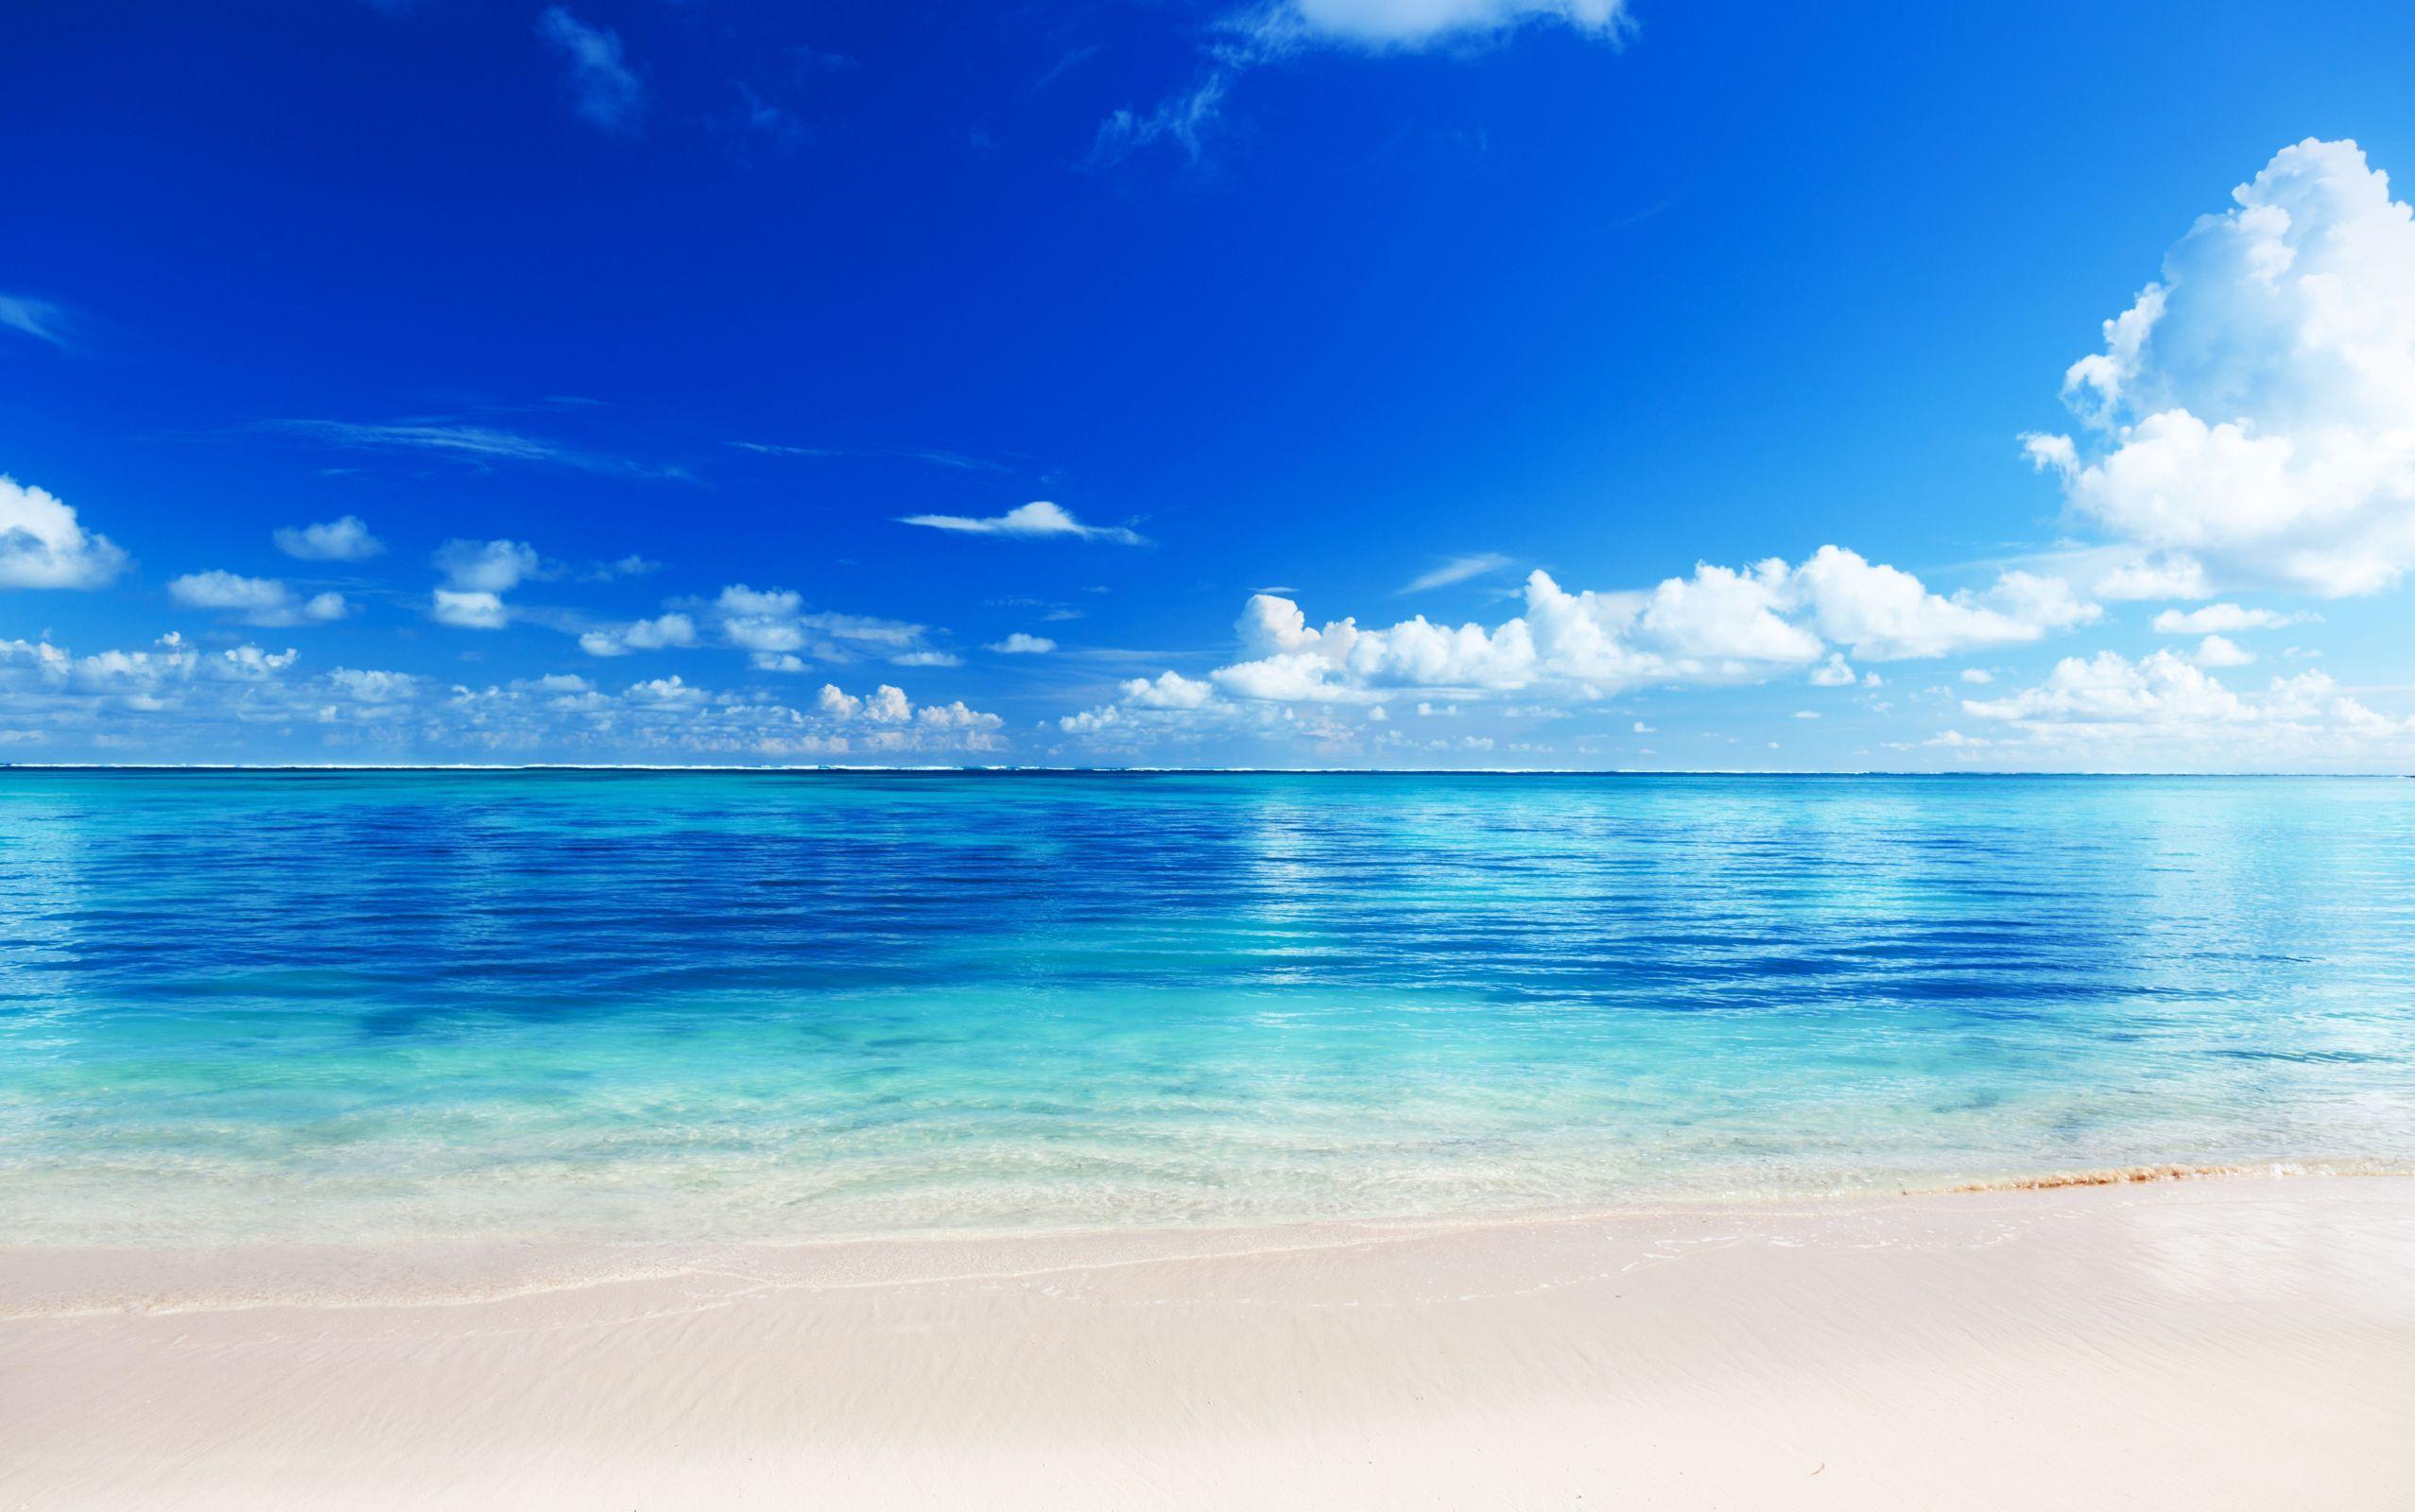 обои на экран море пляж песок голубая вода где